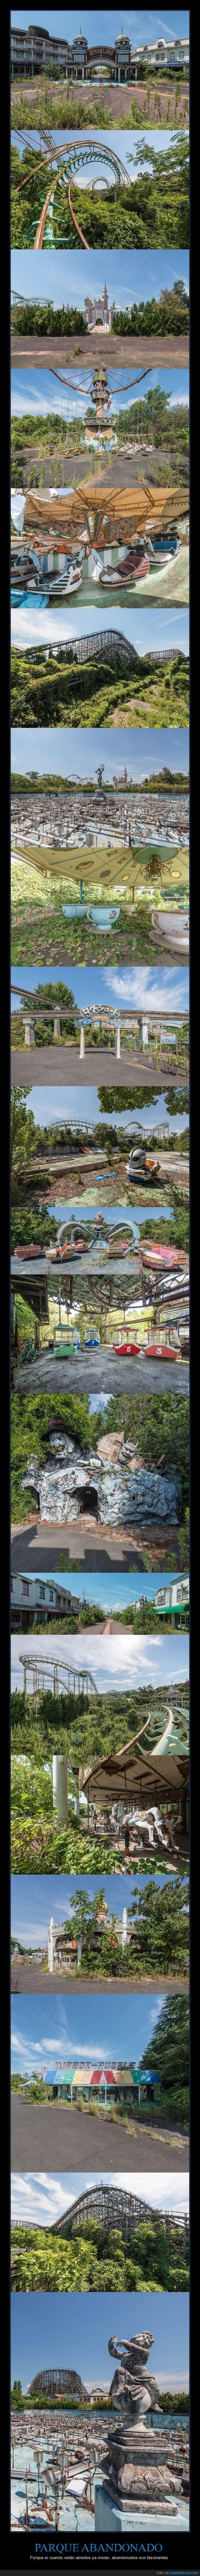 El parque de atracciones abandonado más espectacular del mundo está en Japón - Porque si cuando están abiertos ya molan, abandonados son fascinantes   Gracias a http://www.cuantarazon.com/   Si quieres leer la noticia completa visita: http://www.estoy-aburrido.com/el-parque-de-atracciones-abandonado-mas-espectacular-del-mundo-esta-en-japon-porque-si-cuando-estan-abiertos-ya-molan-abandonados-son-fascinantes/